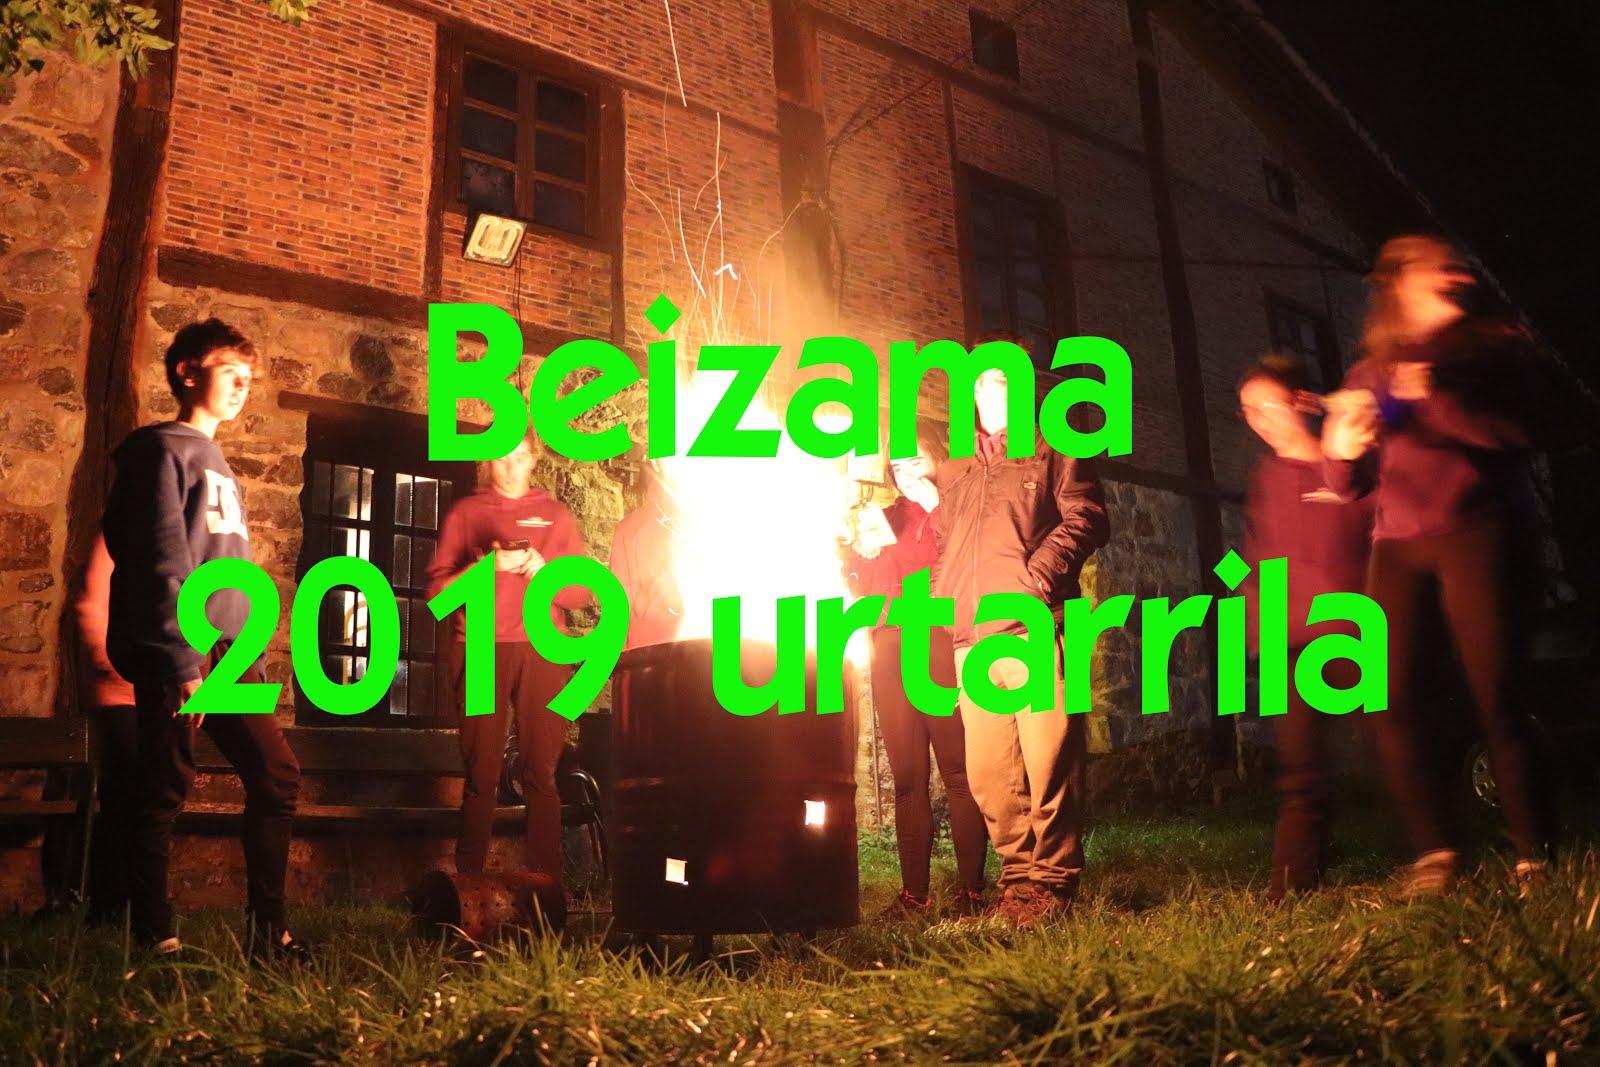 Beizama 2019 urtarrila